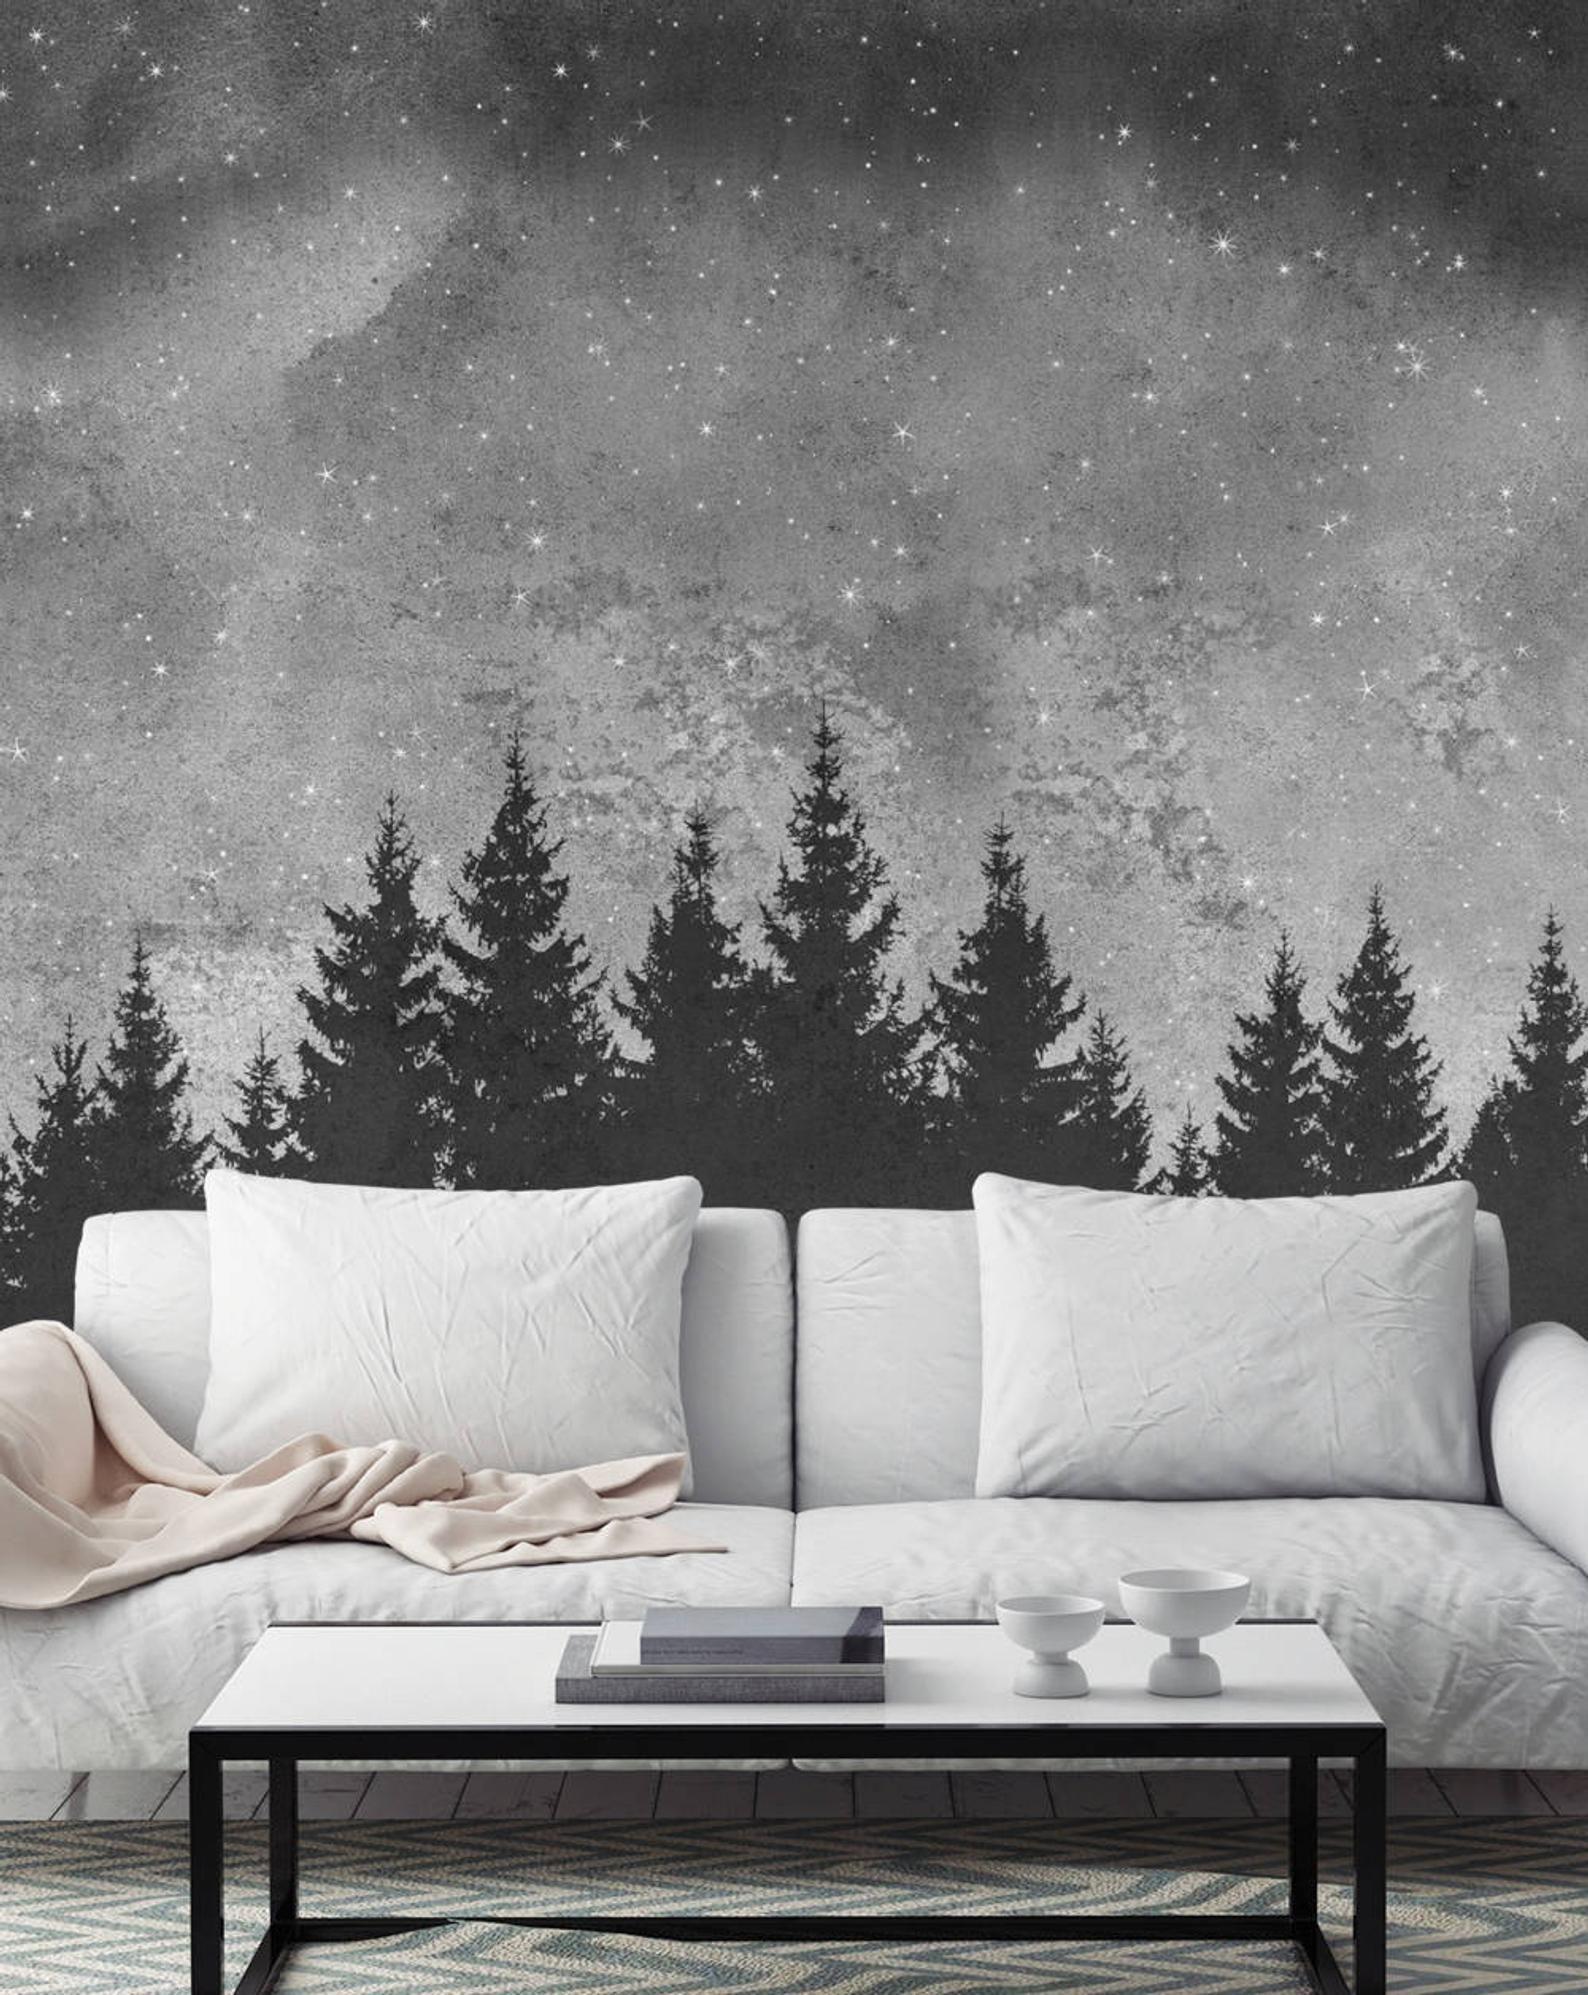 Forest Trees Night Scene Mural Wallpaper Black White Extra Etsy In 2021 Mural Wall Art Wall Art Wallpaper Mural Wallpaper